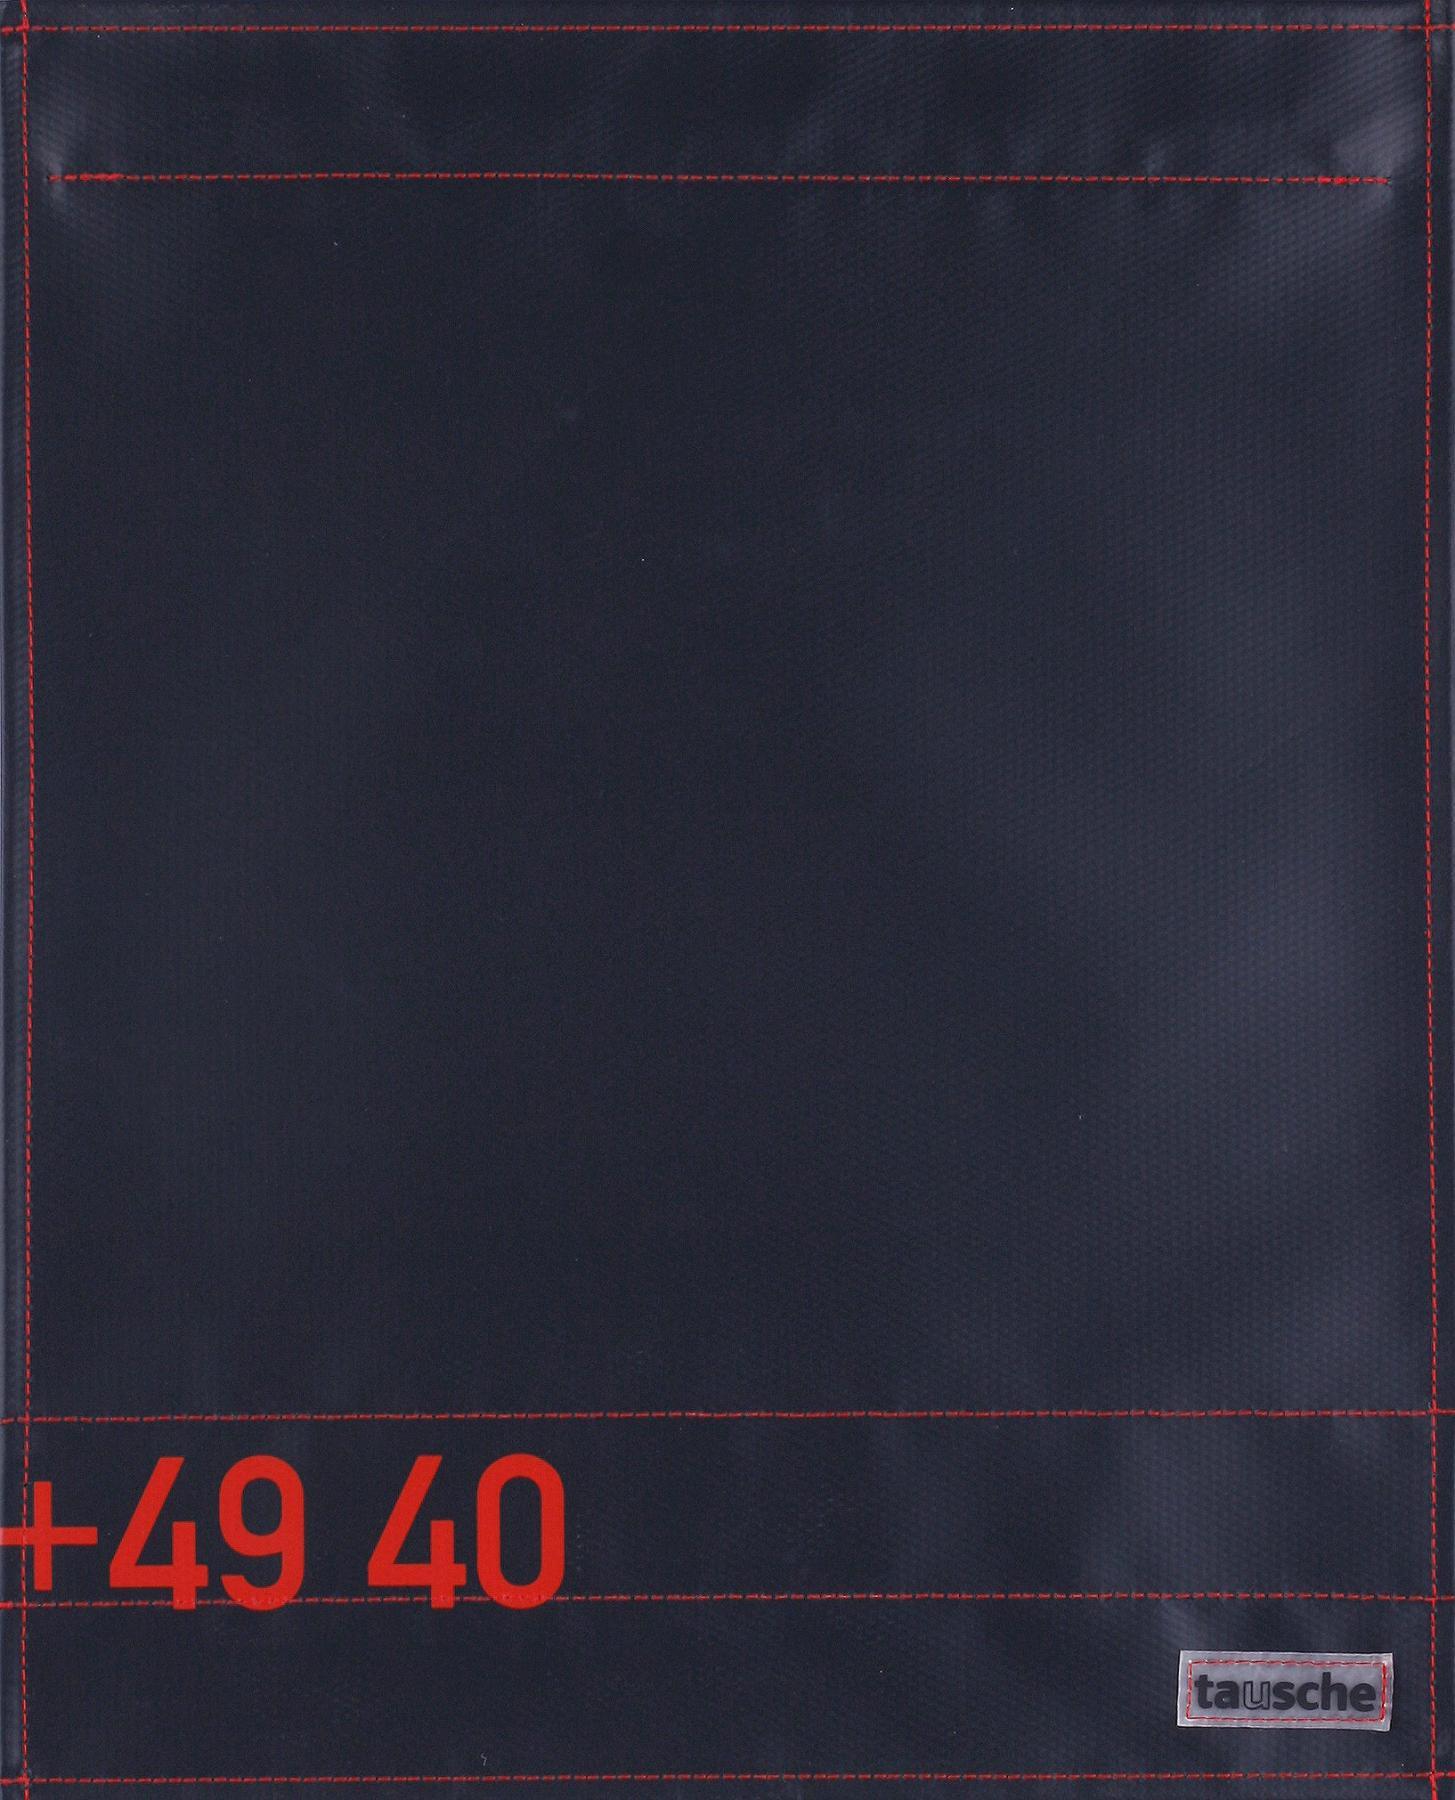 49 40 schwarz/rot (groß)